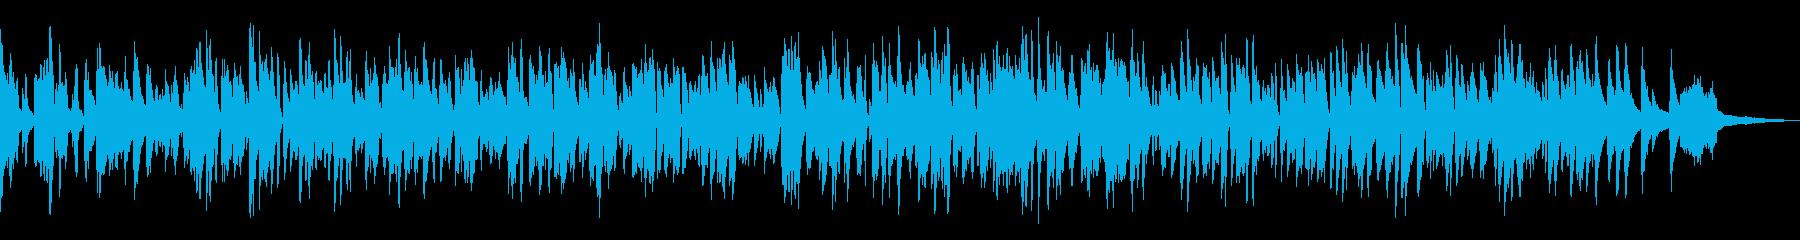 ラウンジ風ボサノバBGM/ピアノトリオの再生済みの波形